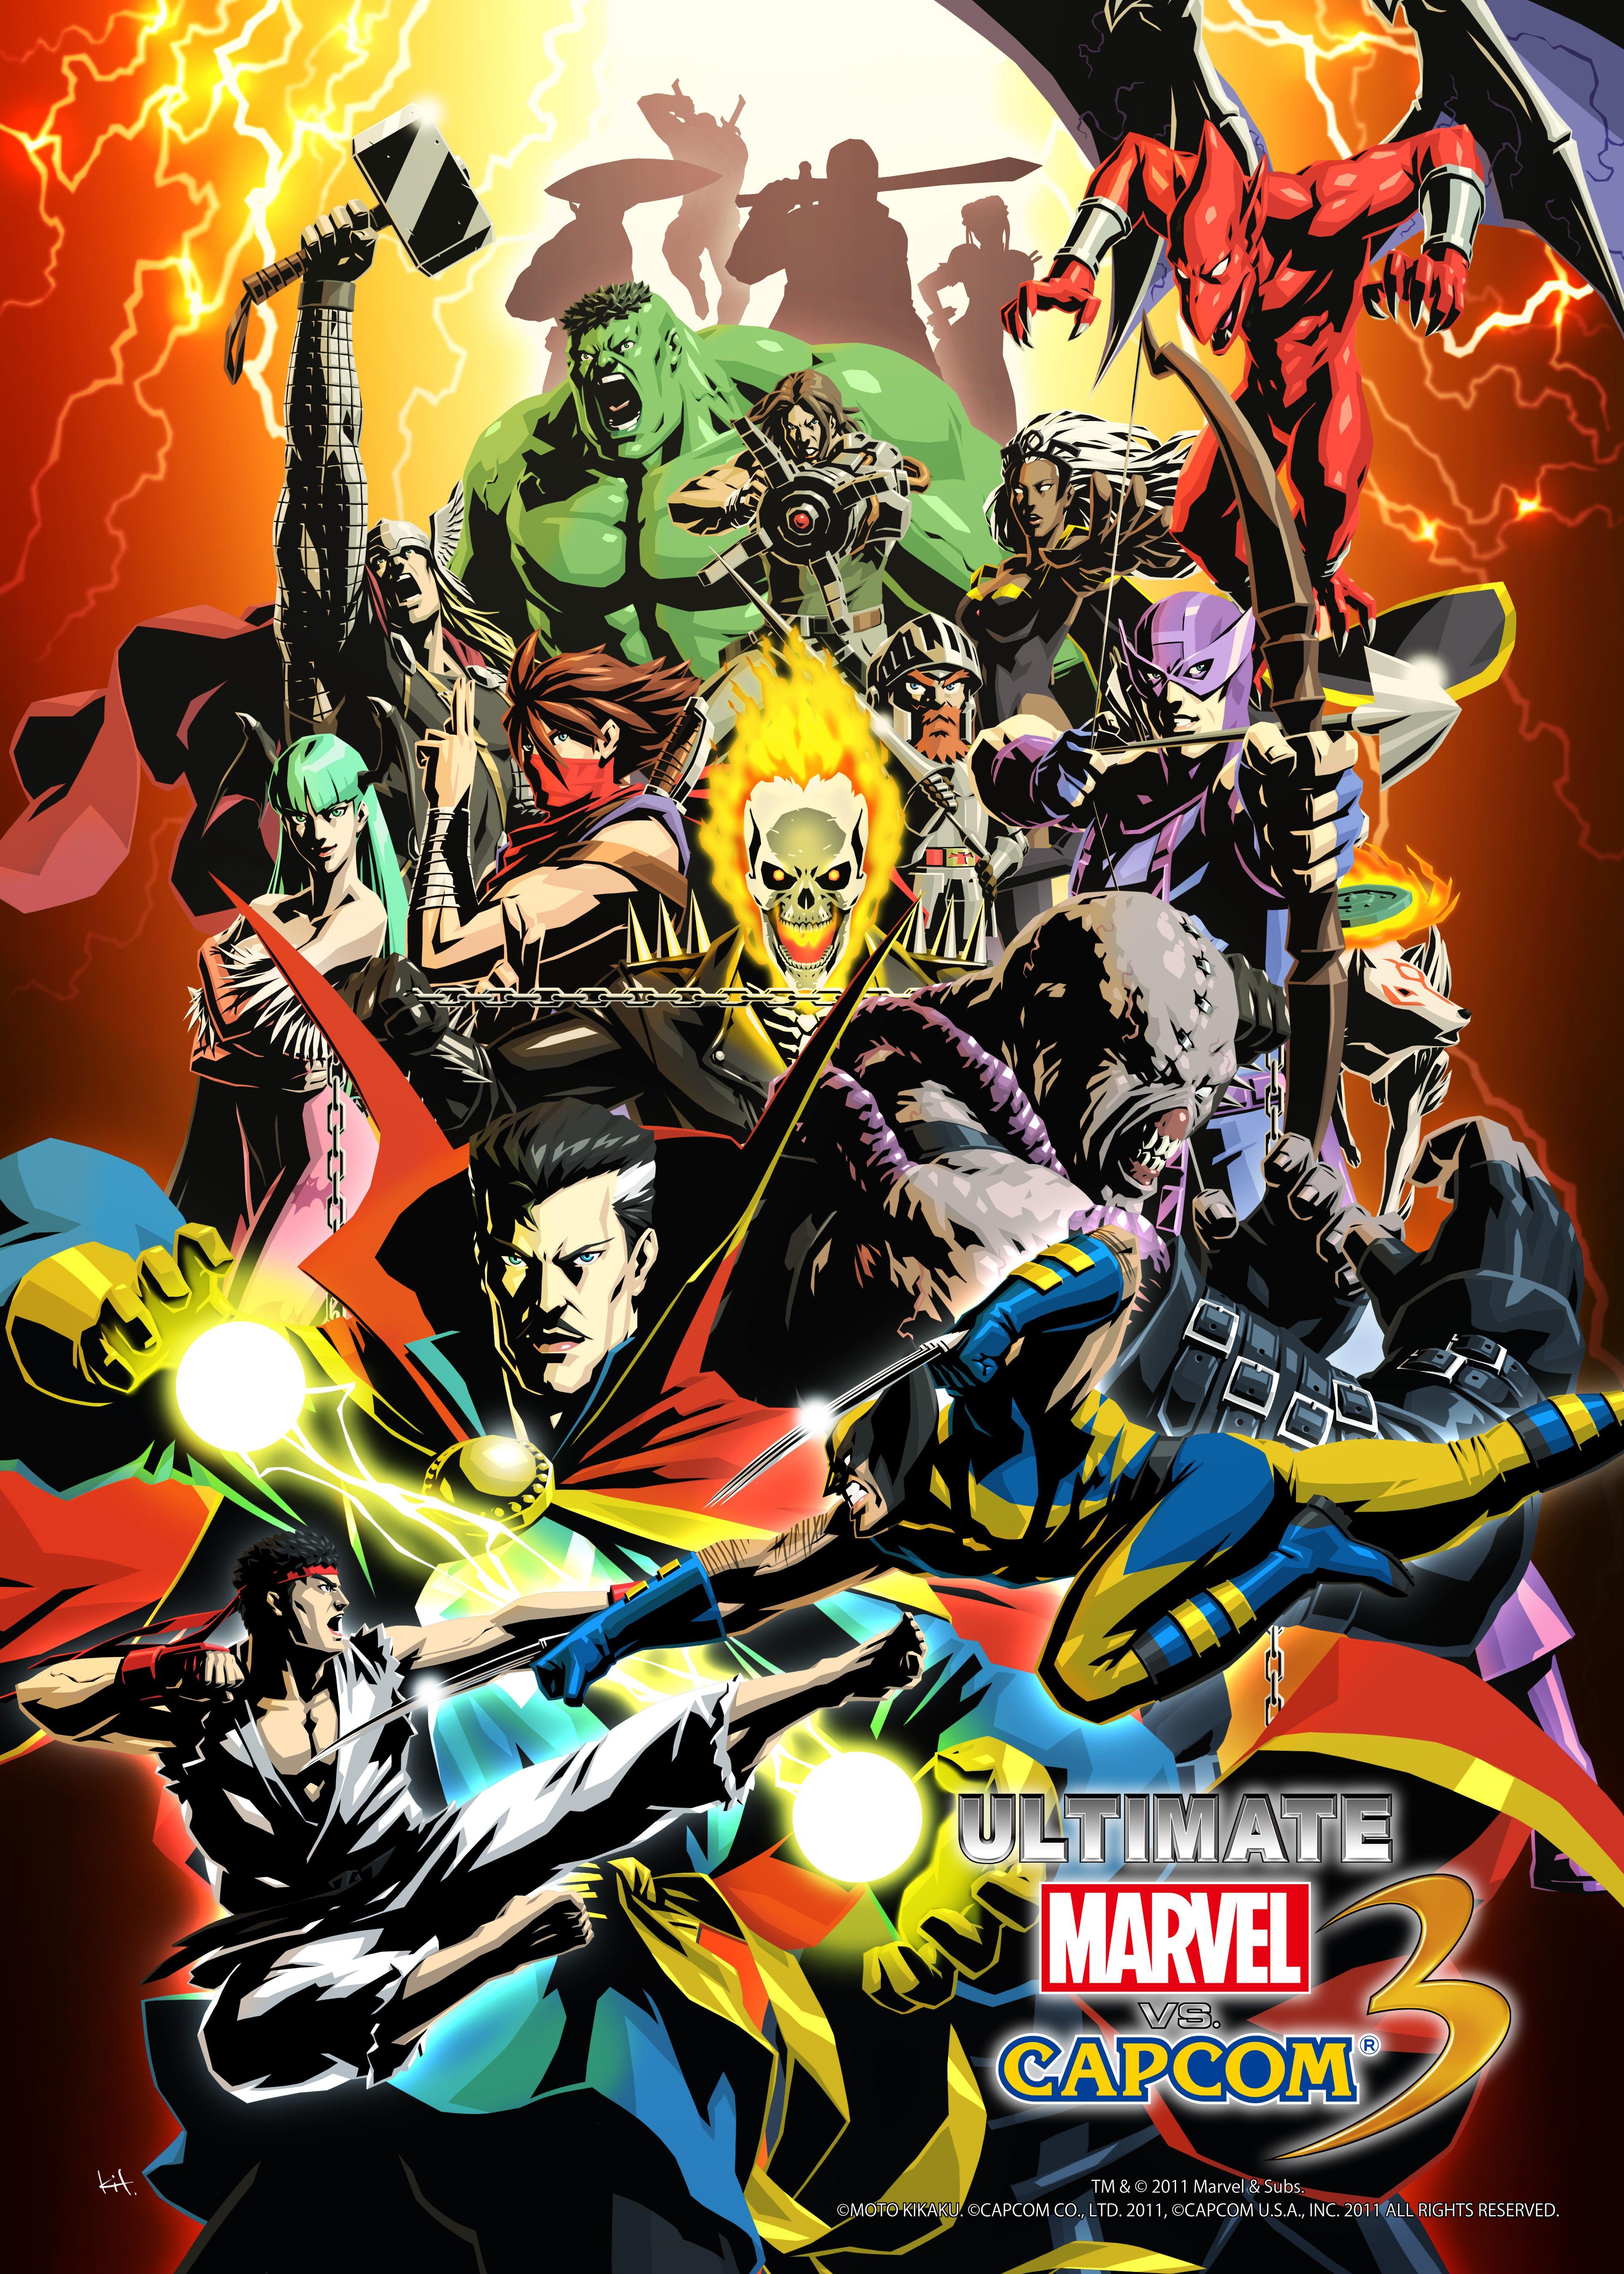 Ultimate Marvel Vs Capcom 3 Marvel Vs Capcom Ultimate Marvel Marvel Vs